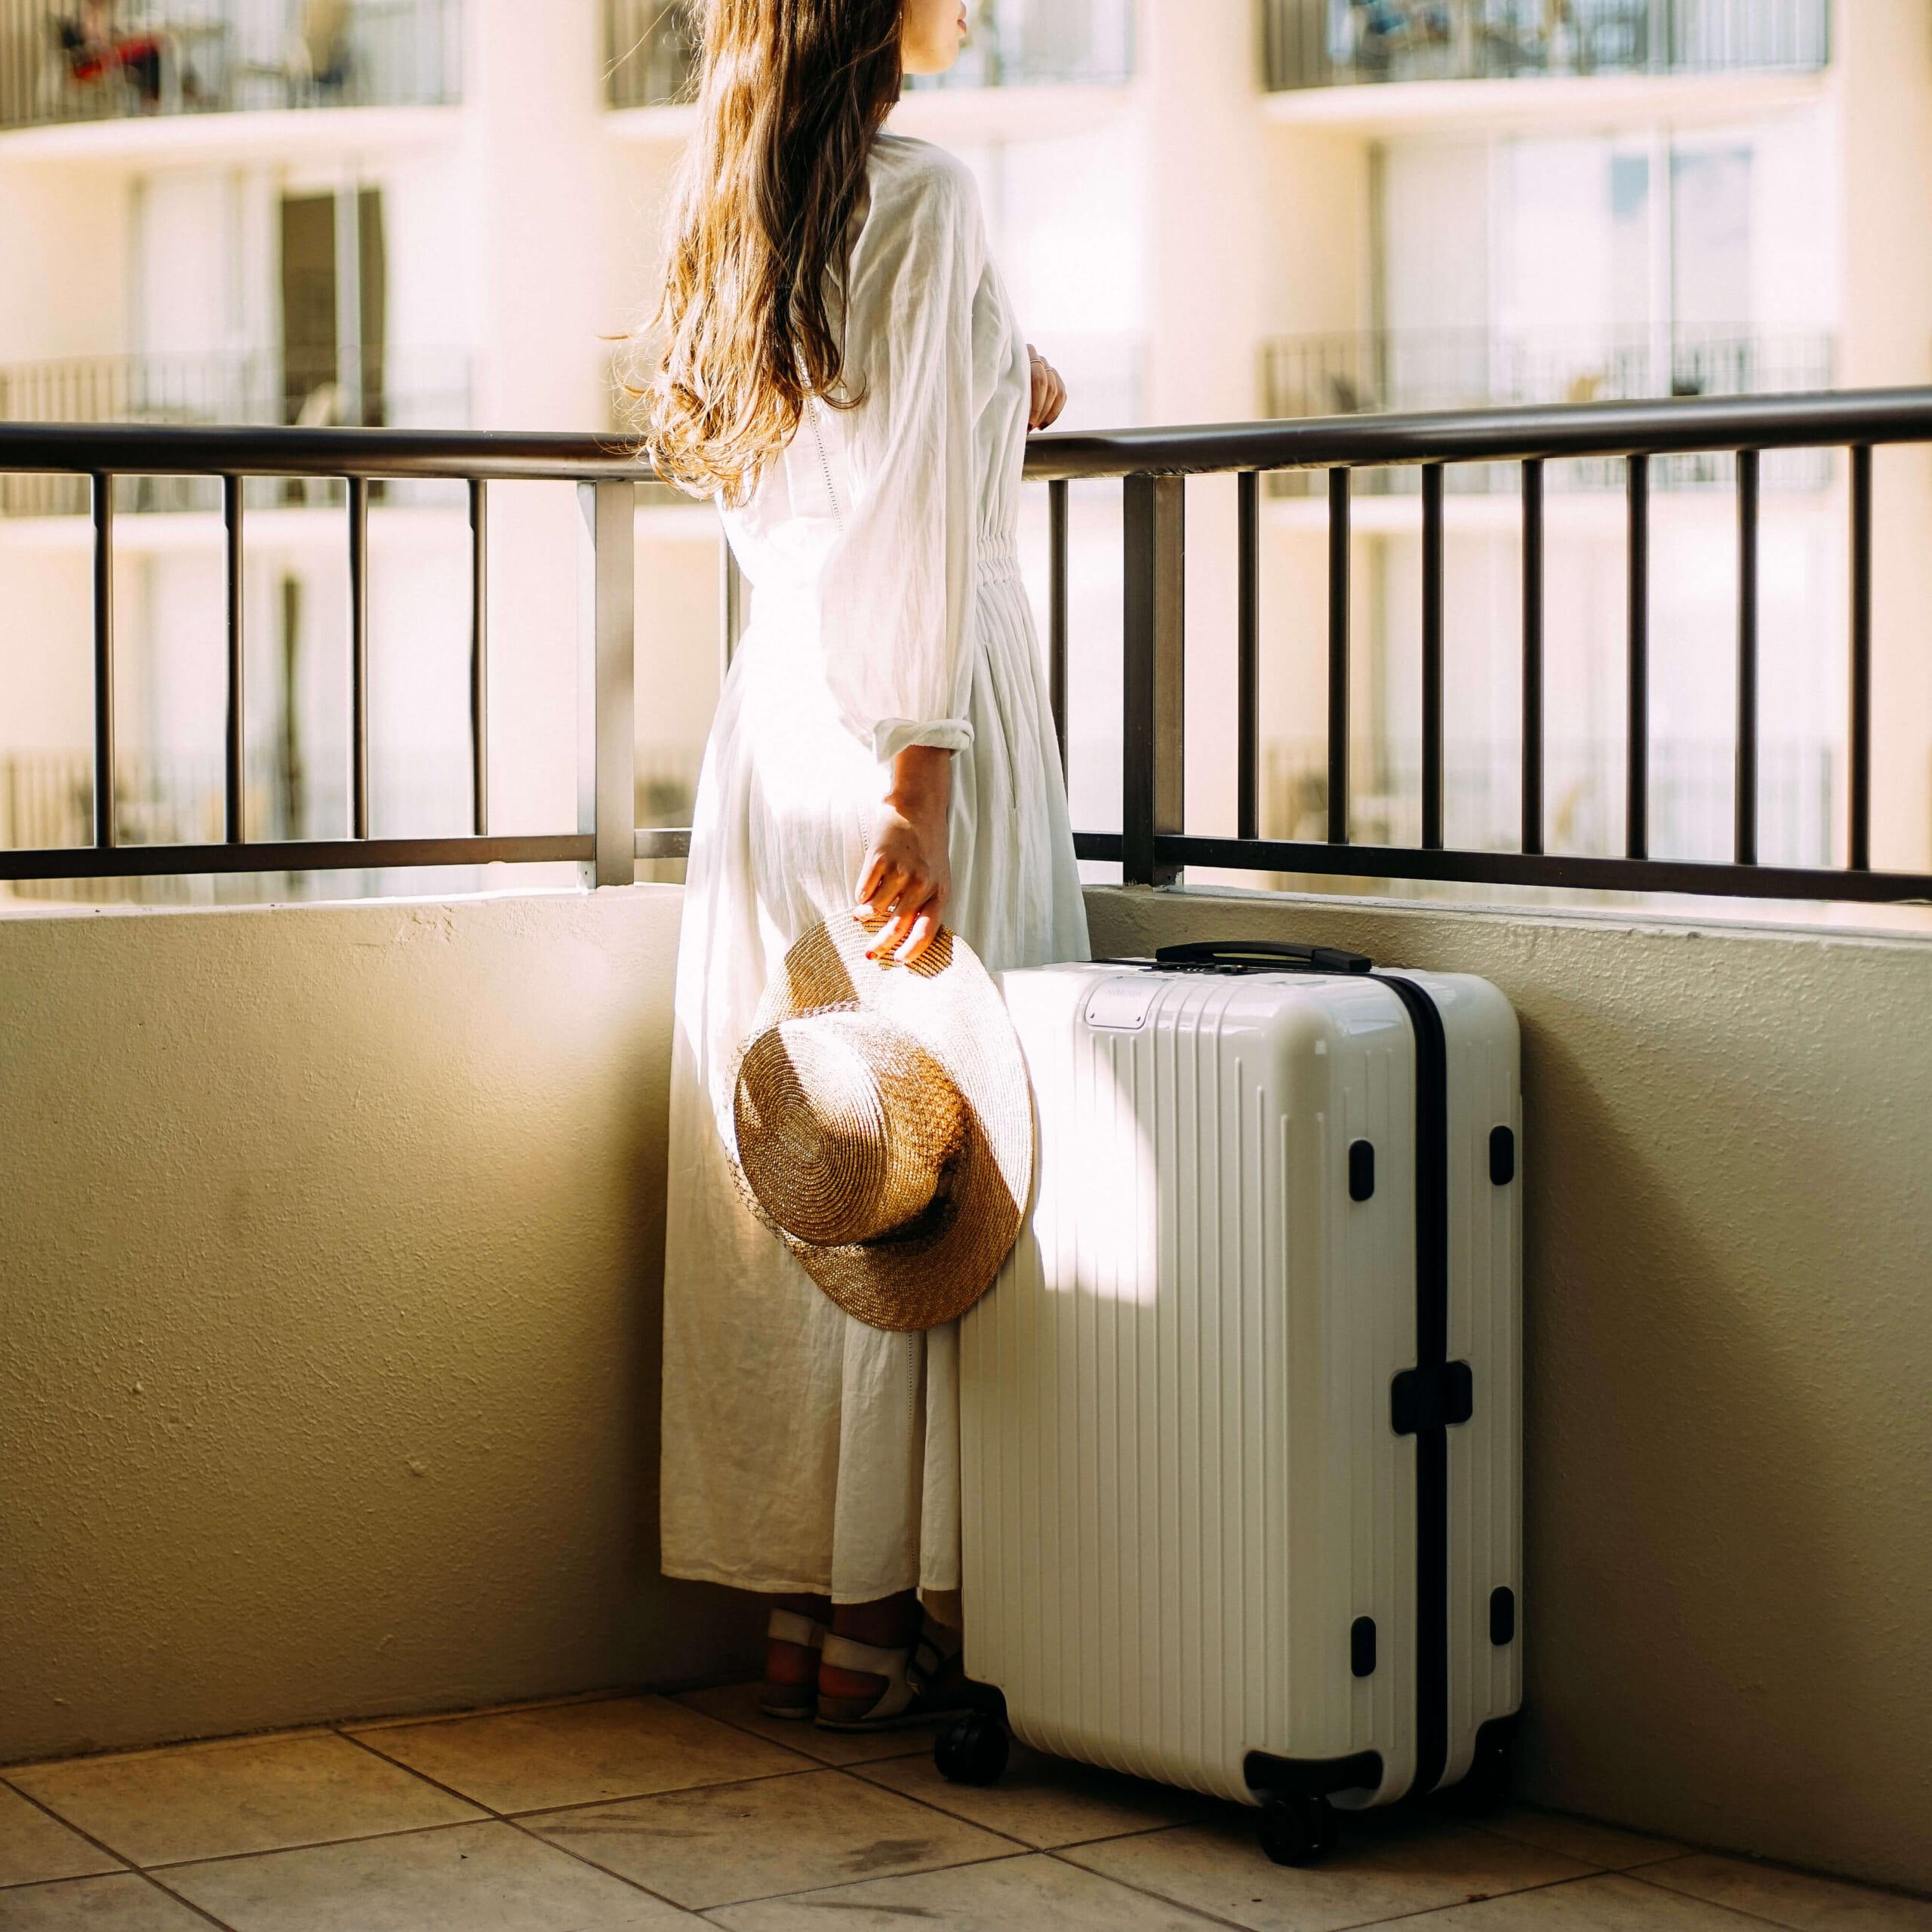 白いワンピースの女性と、白いスーツケース